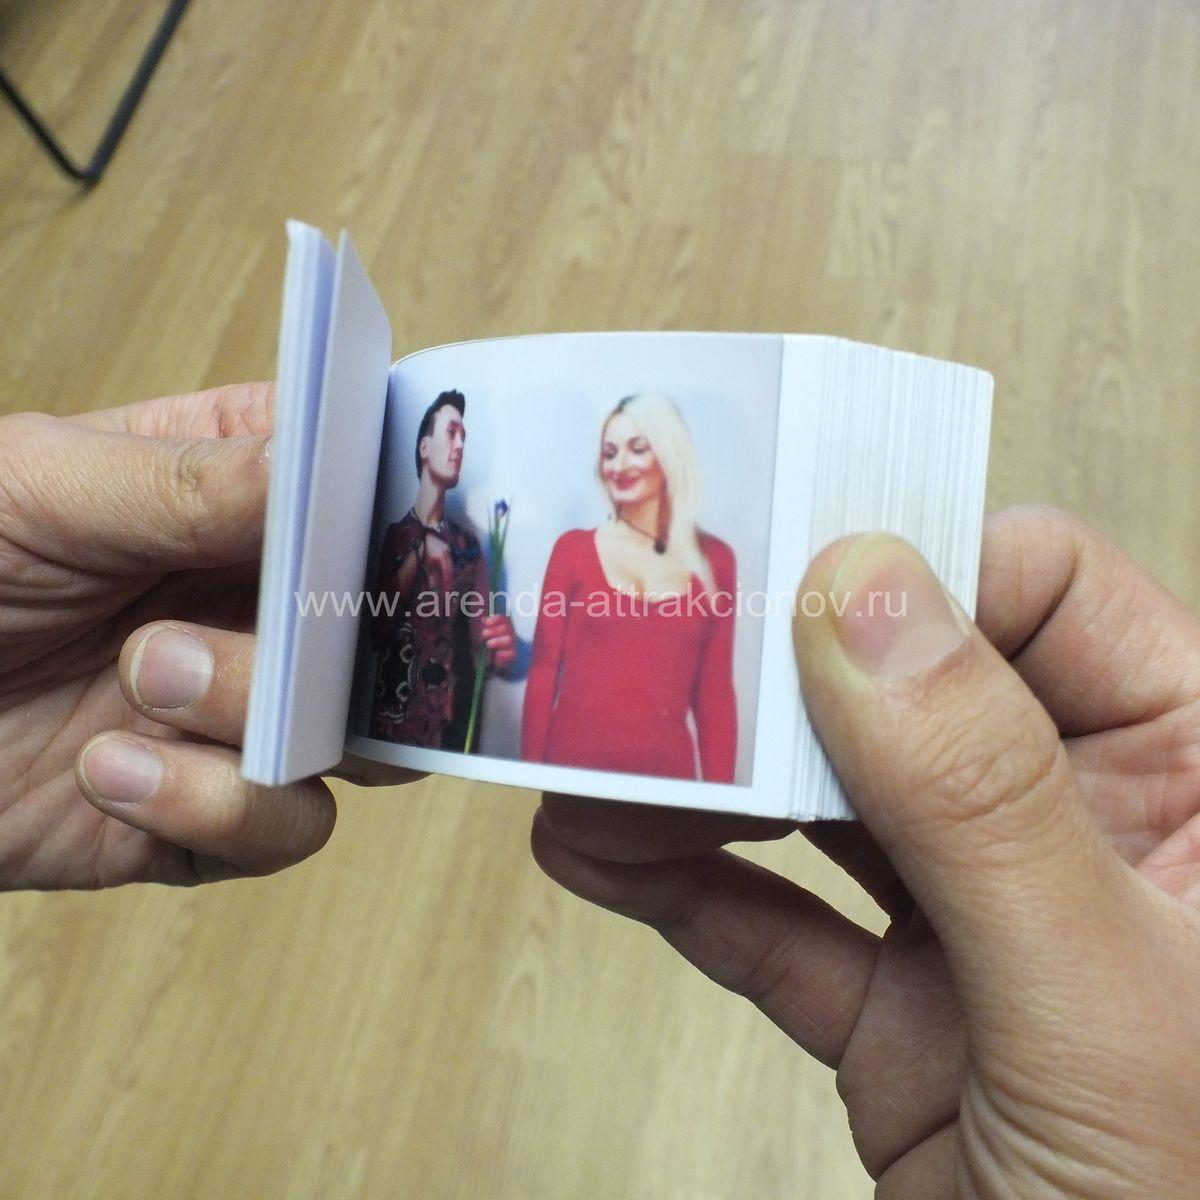 Волшебная книга в которой фотографии оживают